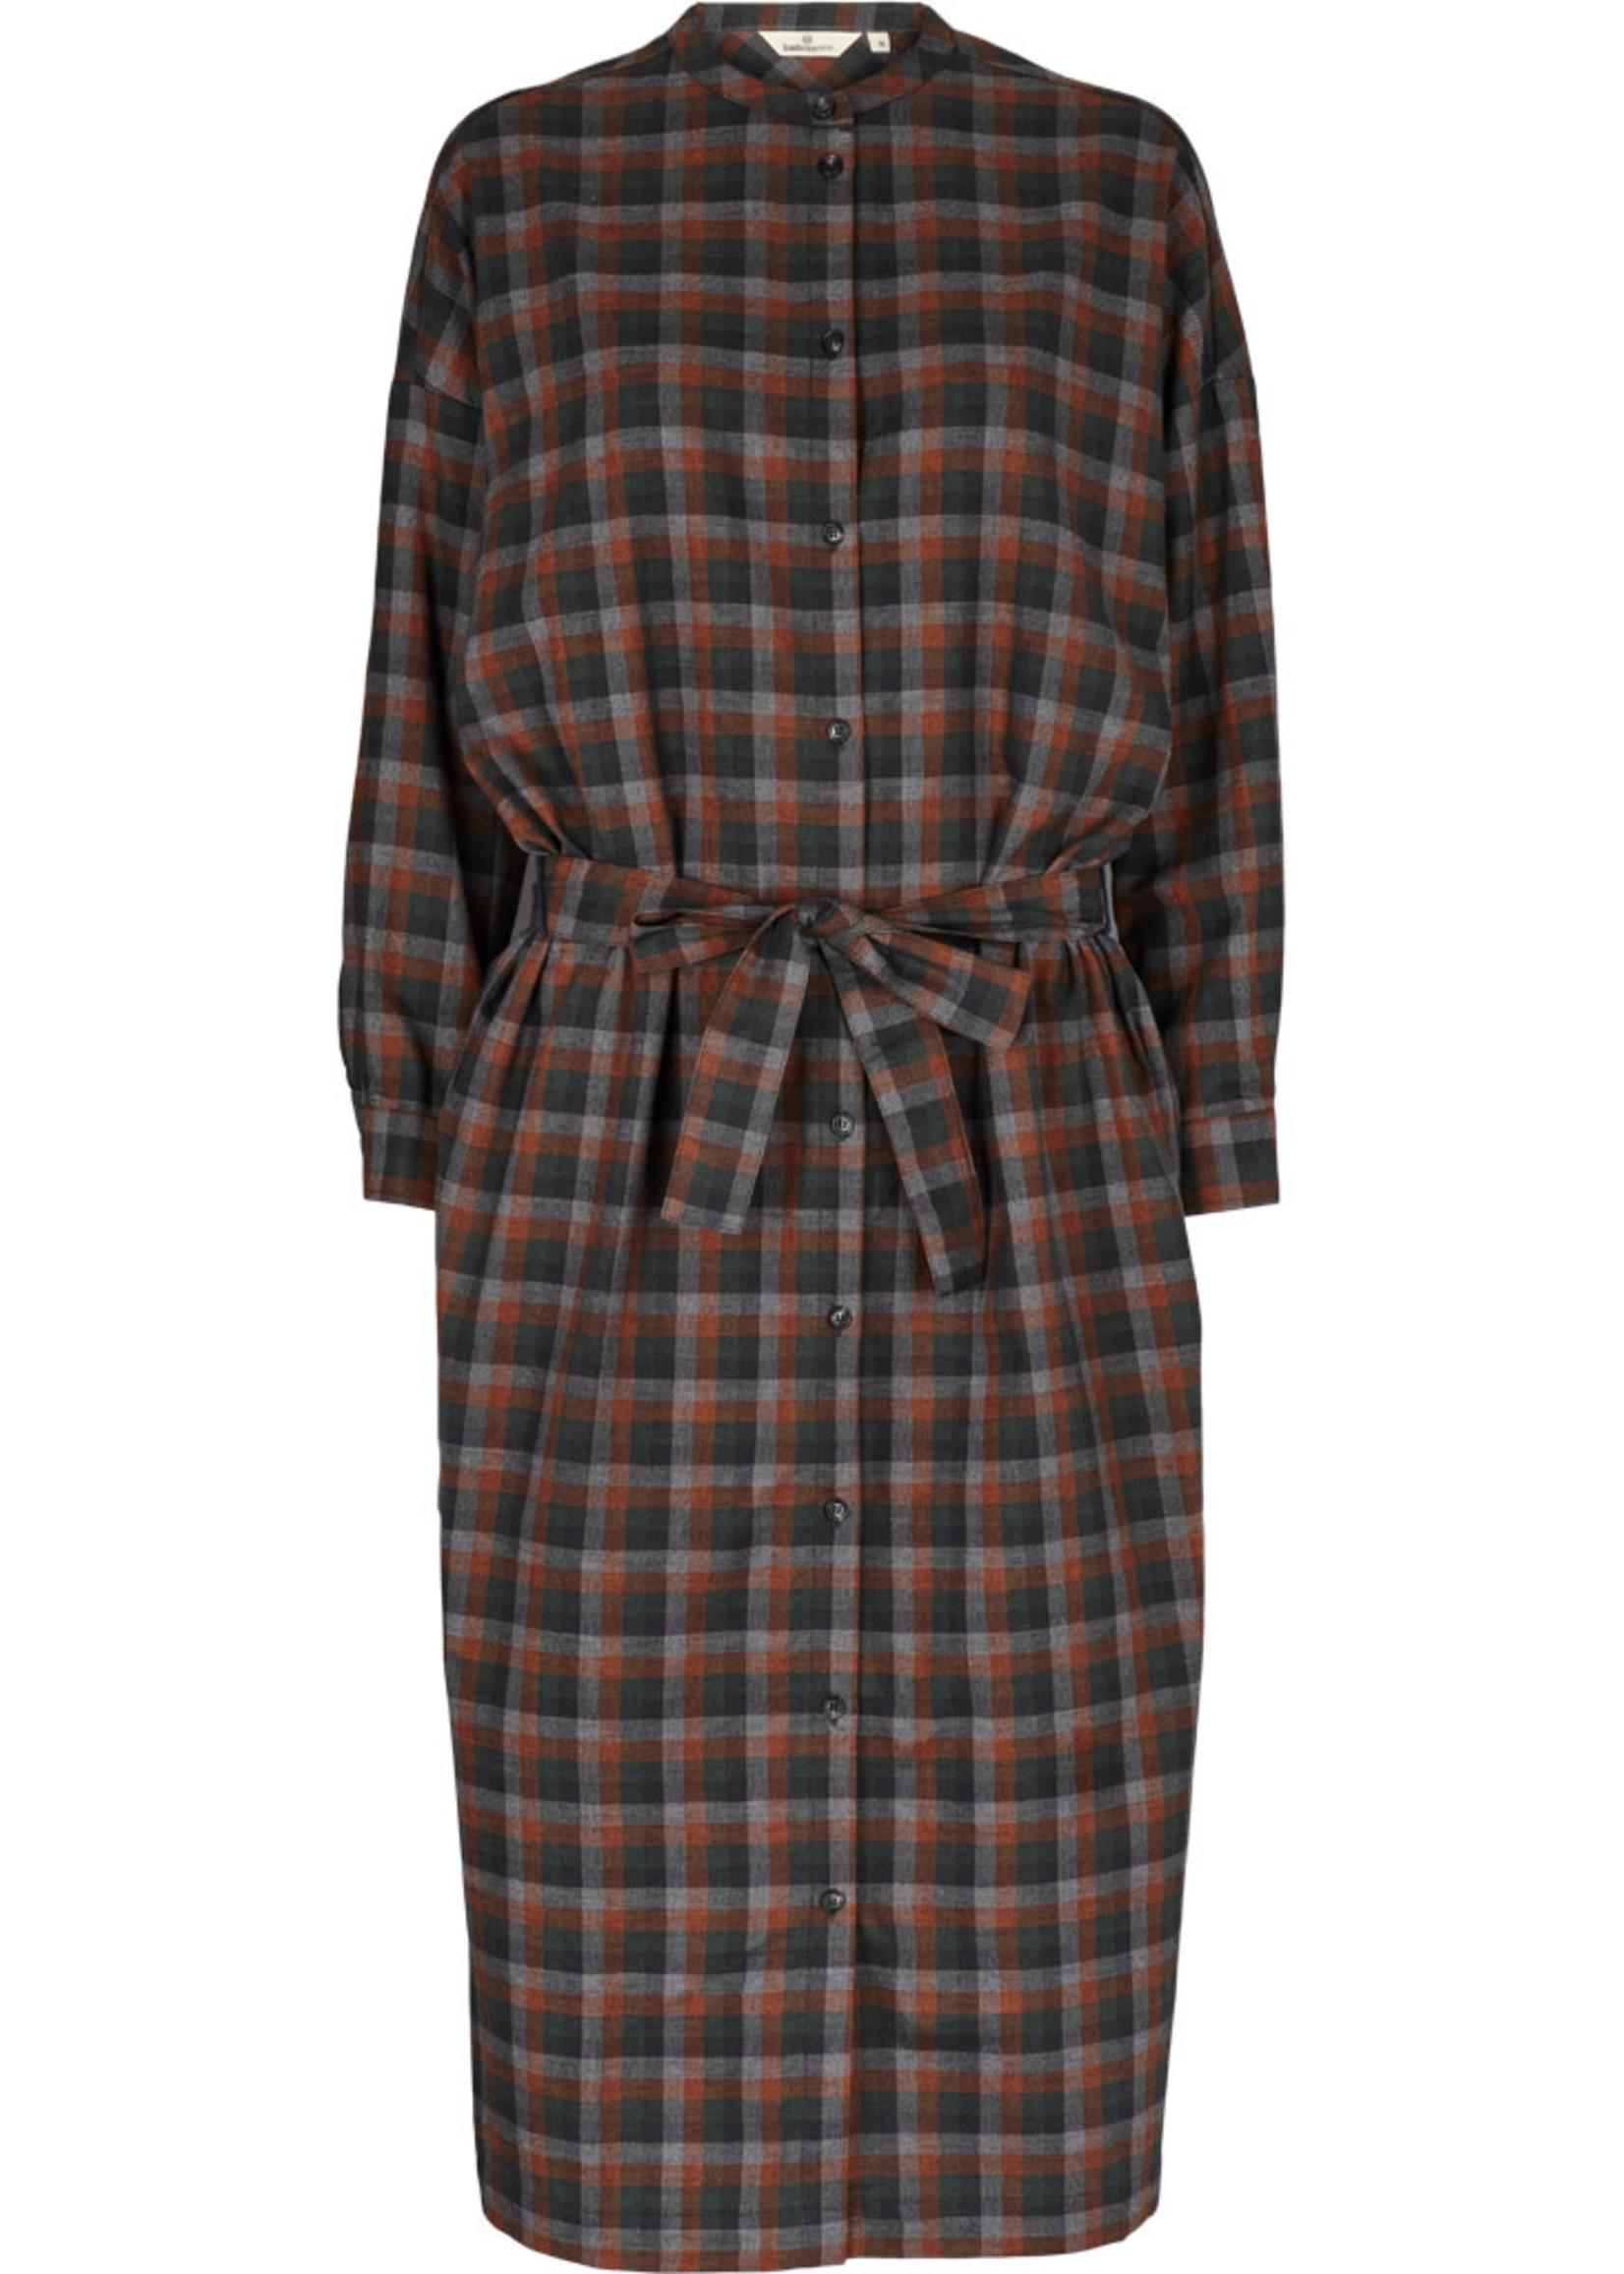 Basic Apparel Tone Shirt Dress